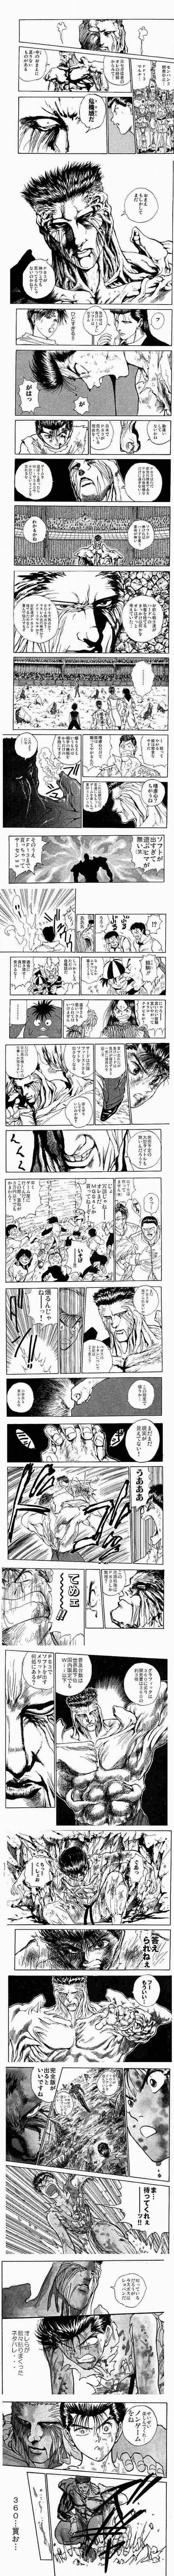 yuhaku0010101.jpg